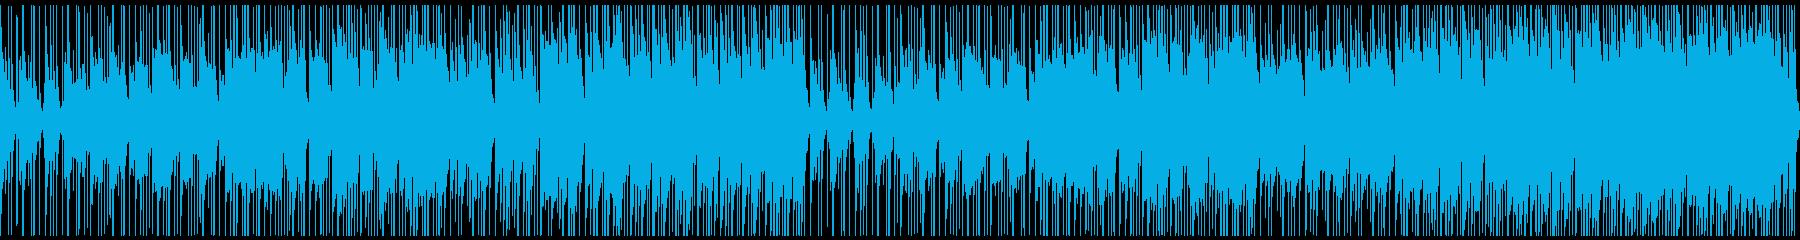 三味線、笛、箏を使った和風BGMの再生済みの波形